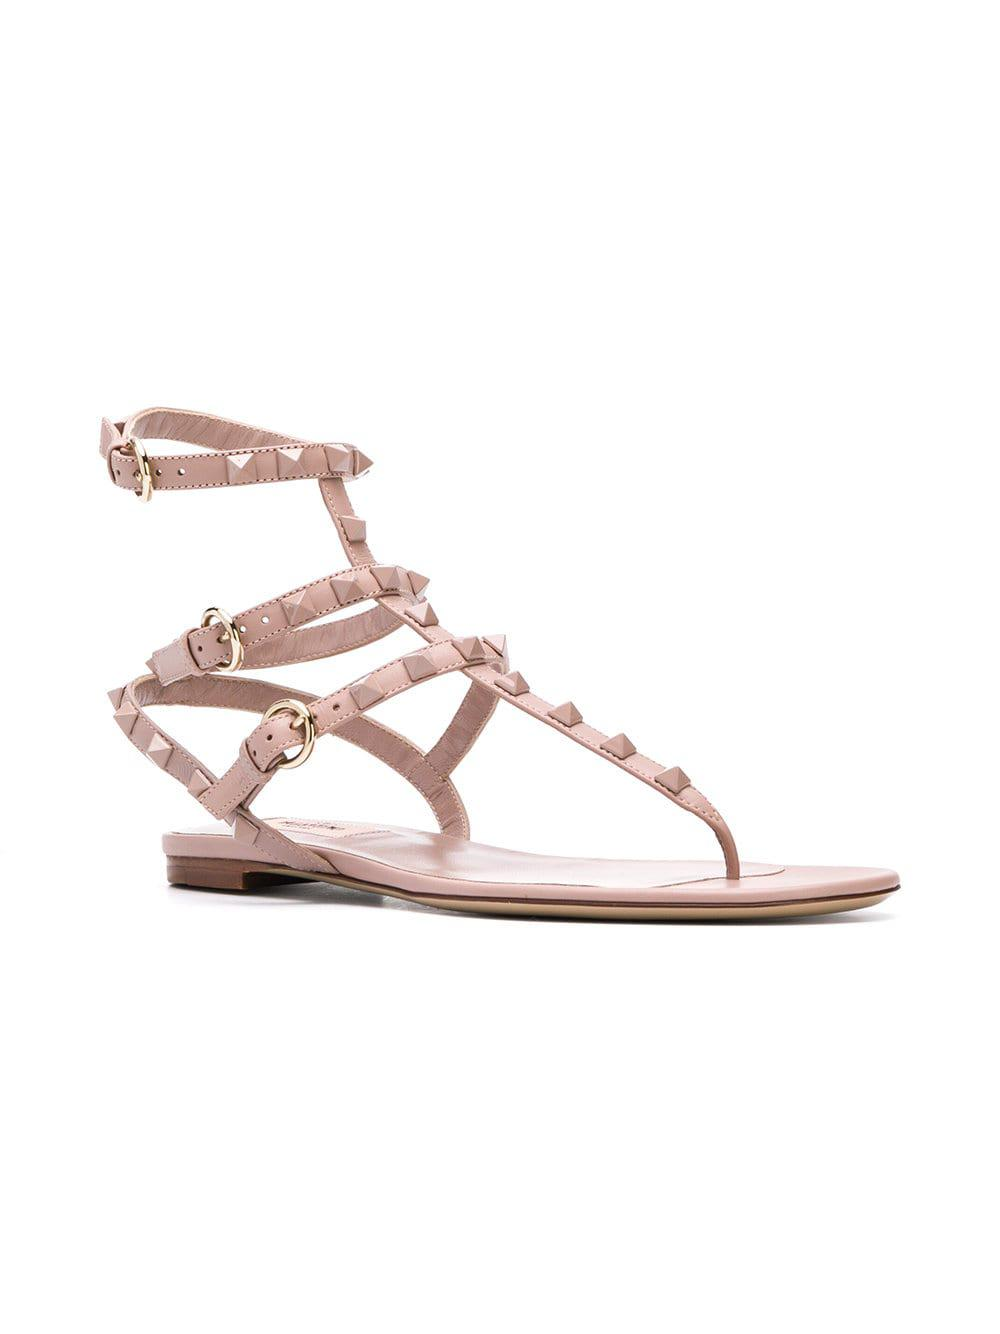 c8ca61399dba Valentino Garavani Rockstud Sandals - Save 3% - Lyst